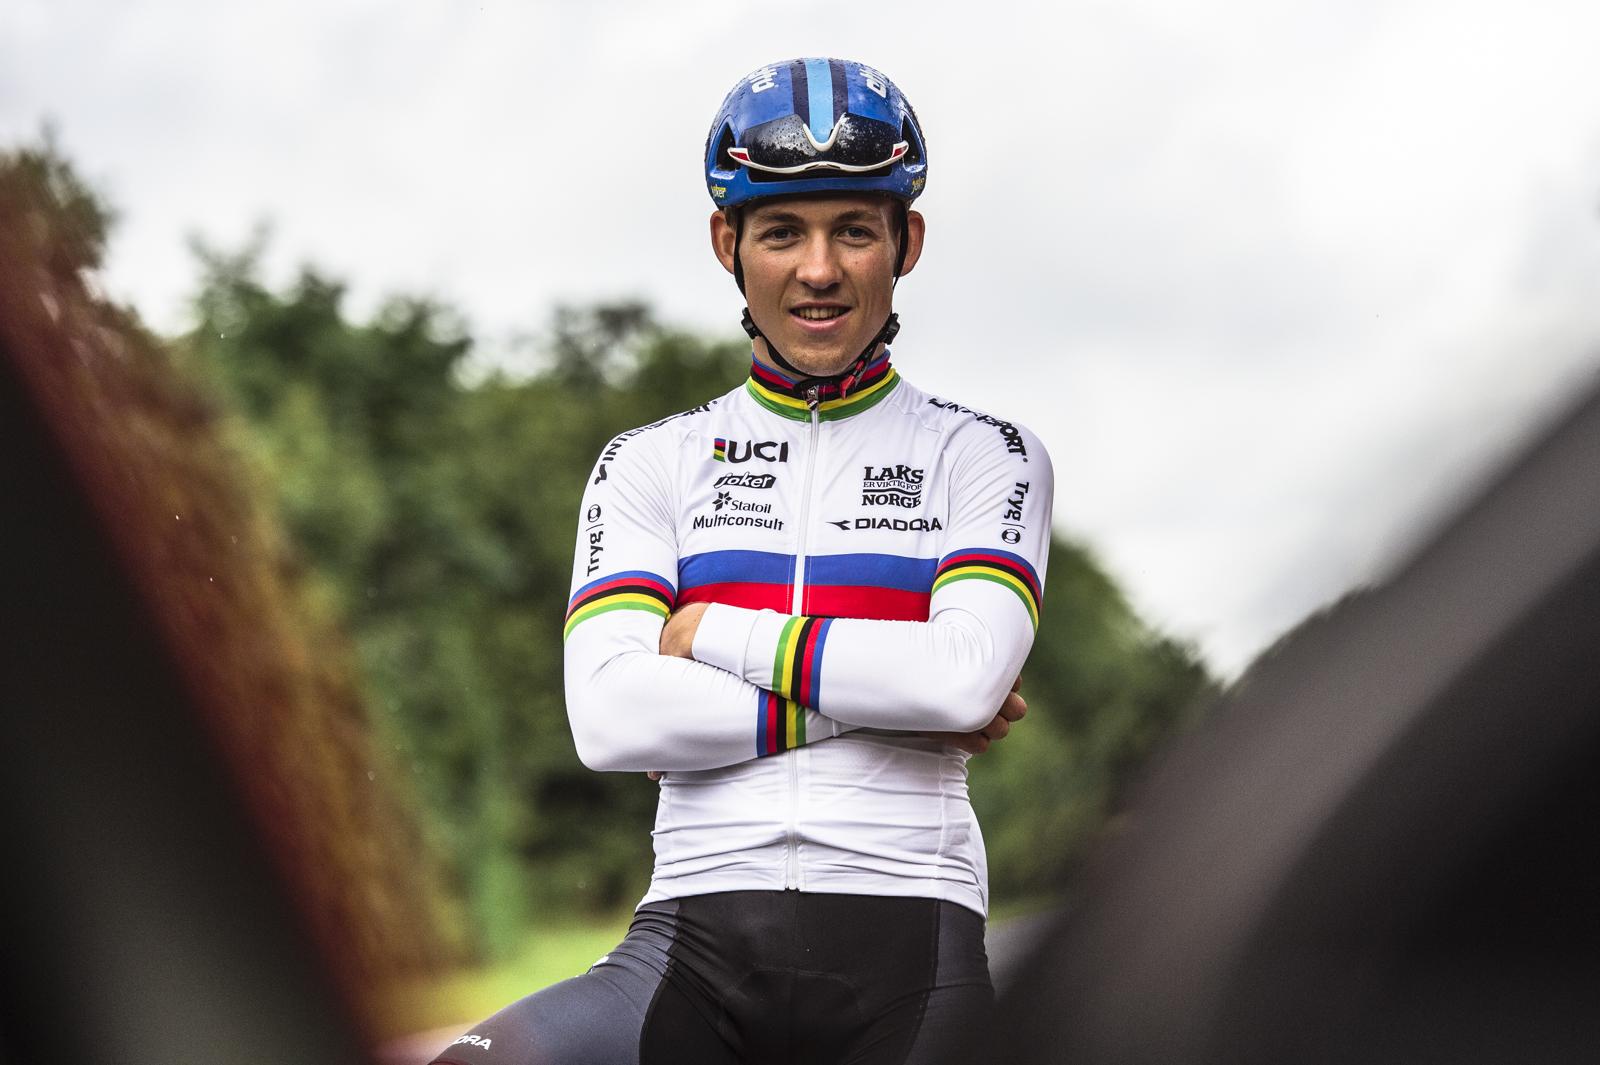 Imponerer I Ungdommens Tour De France